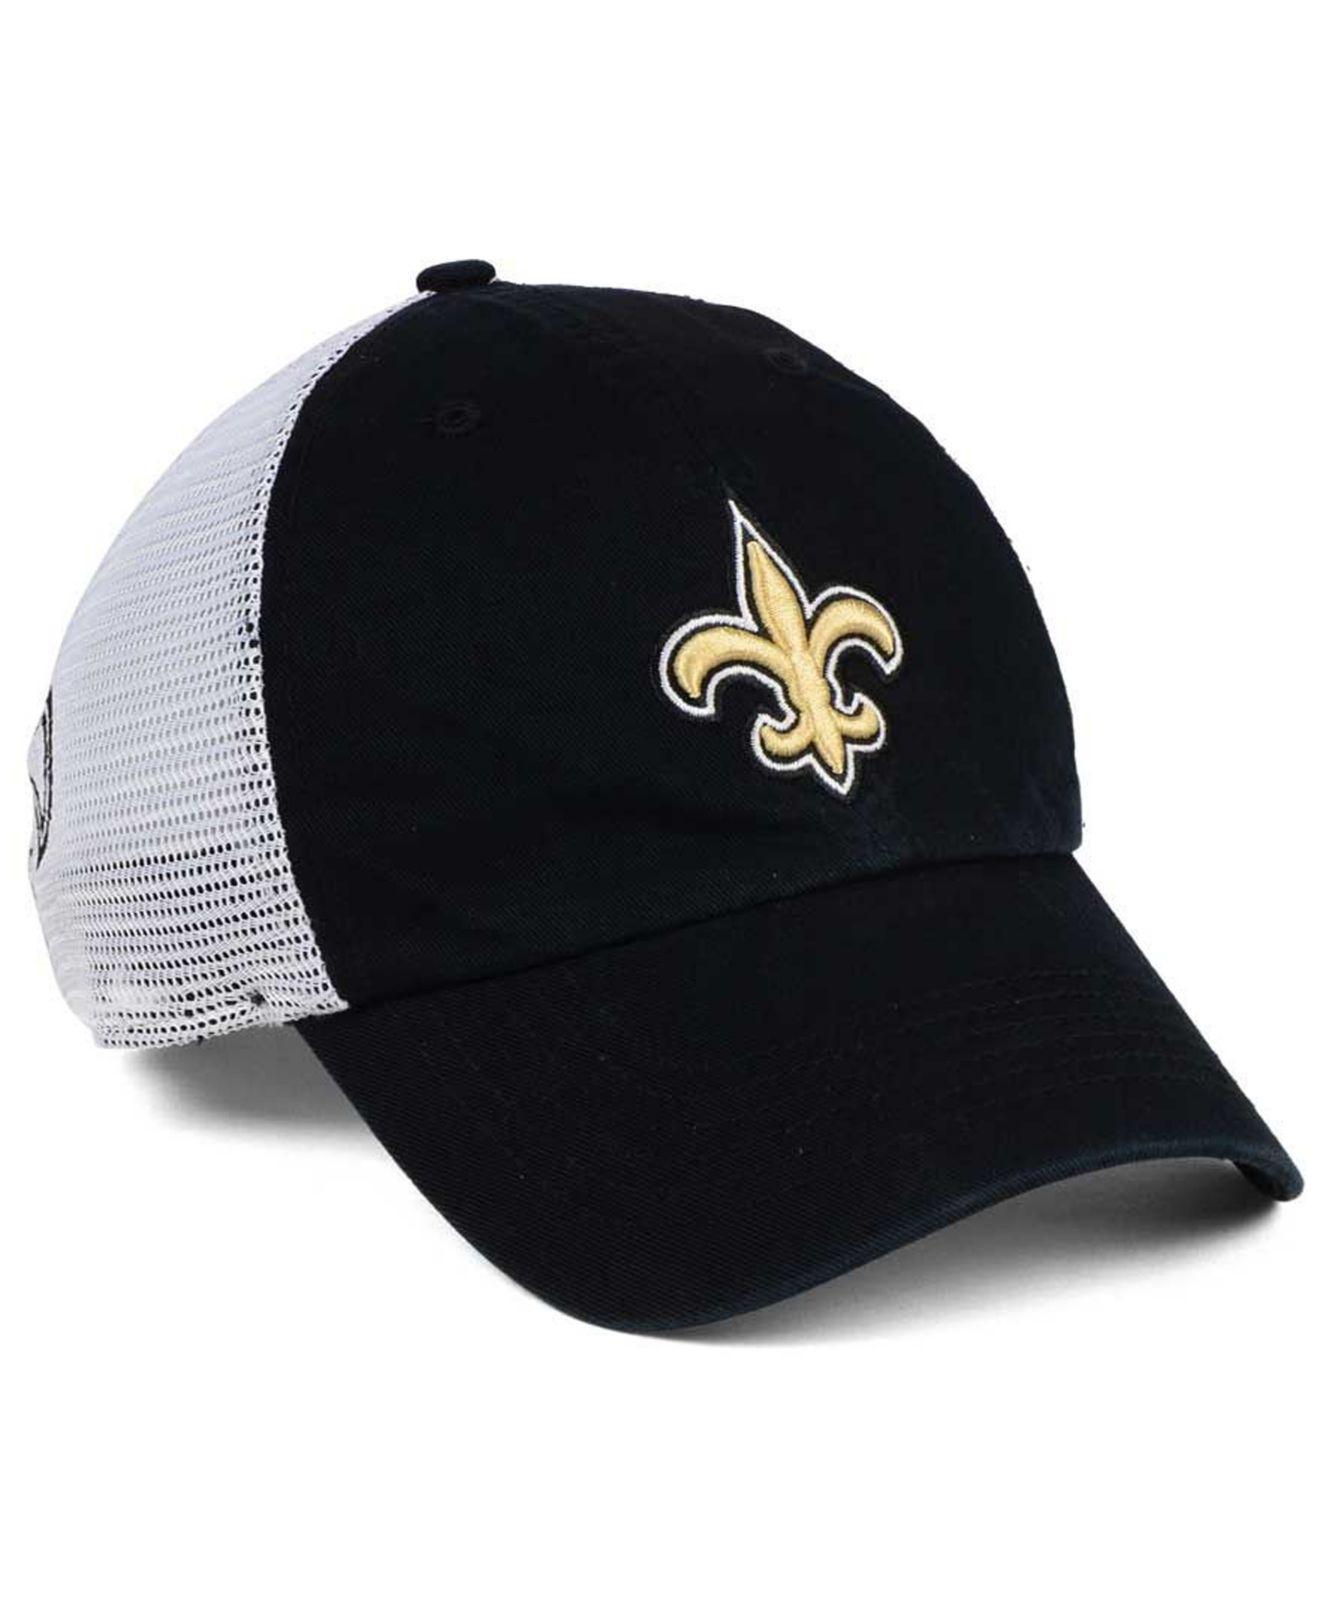 ... best price lyst 47 brand new orleans saints deep ball mesh closer cap  in 95ce7 5a4de 0488fd360